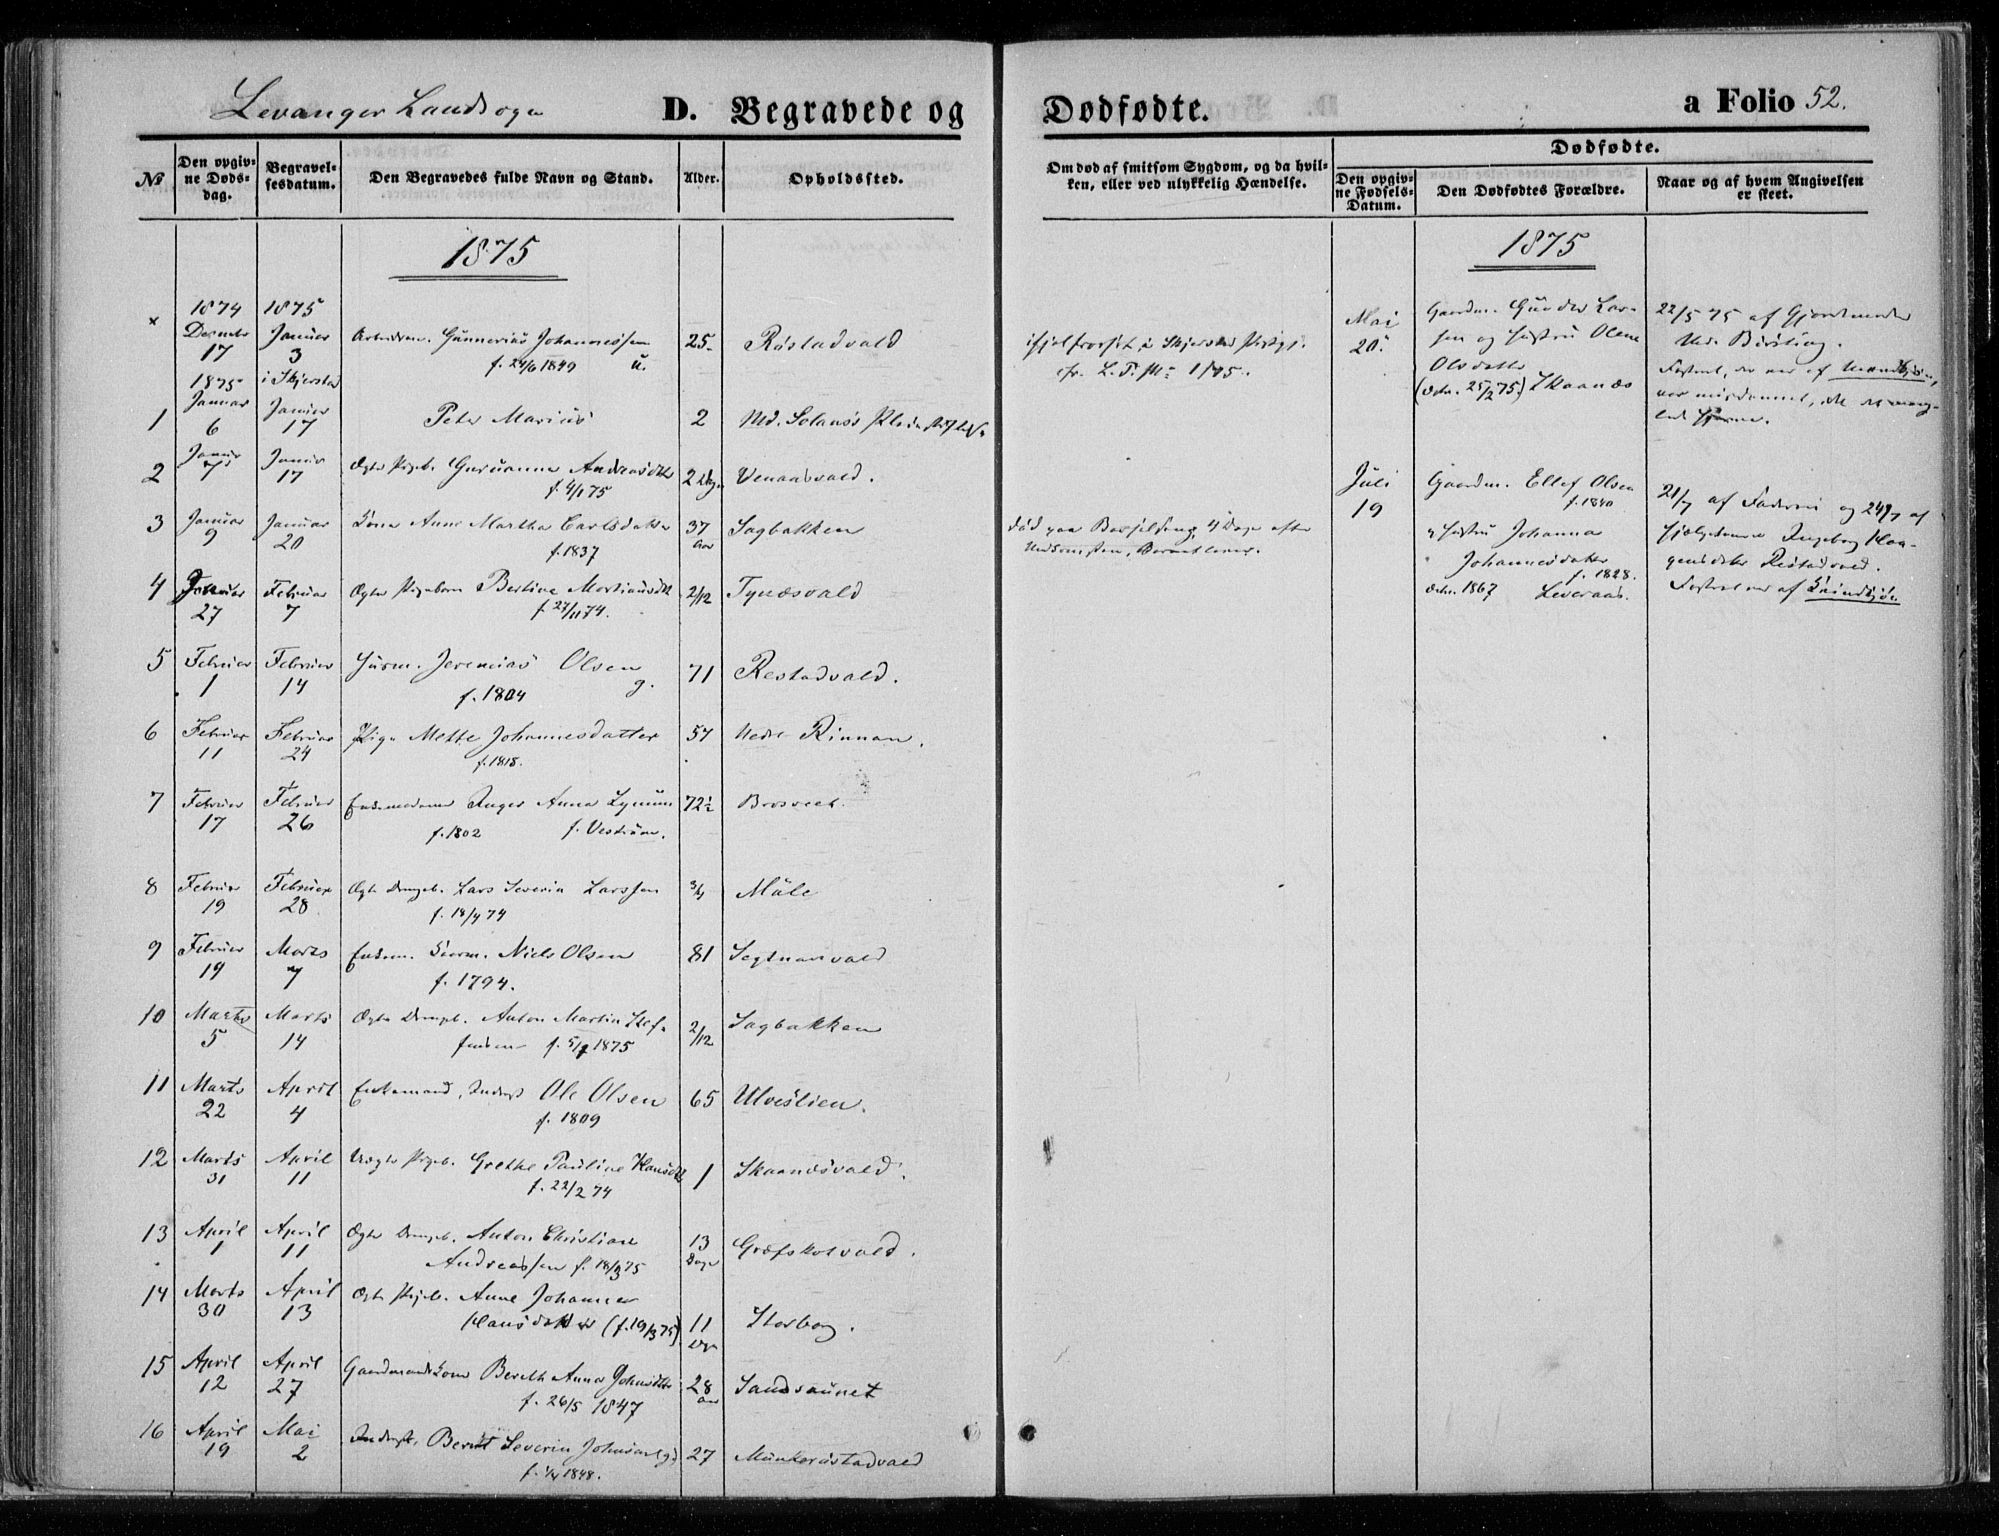 SAT, Ministerialprotokoller, klokkerbøker og fødselsregistre - Nord-Trøndelag, 720/L0187: Ministerialbok nr. 720A04 /2, 1875-1879, s. 52